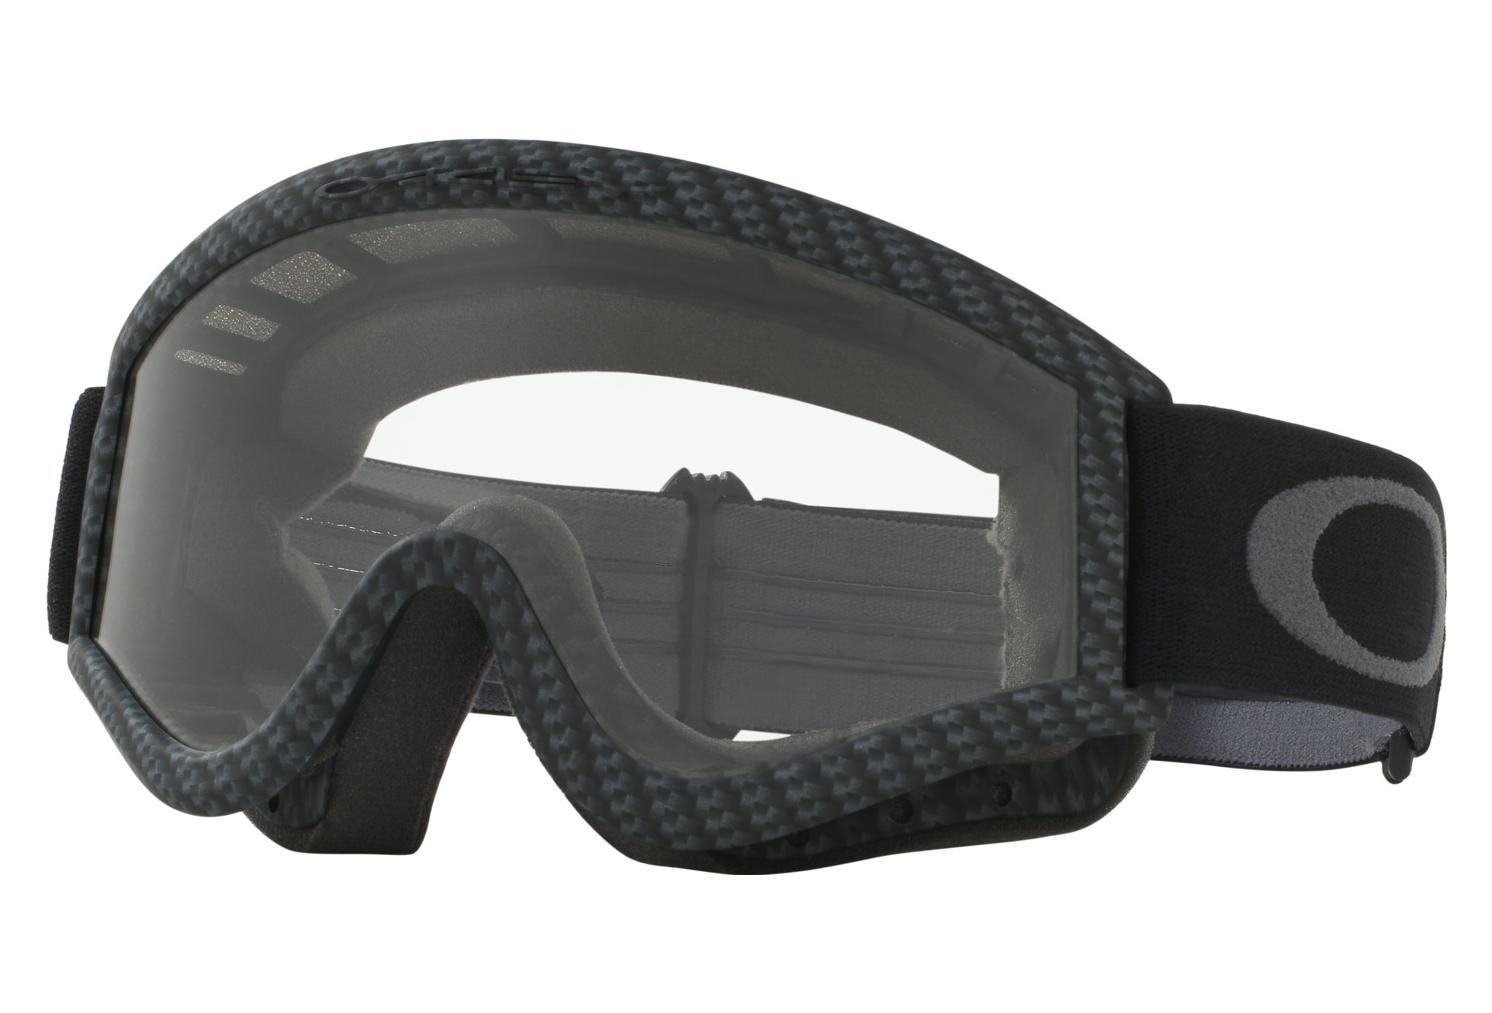 d84f3f9ab4ec Oakley L-Frame MX Goggles   Carbon Fiber   Clear   Ref. 01-230 ...